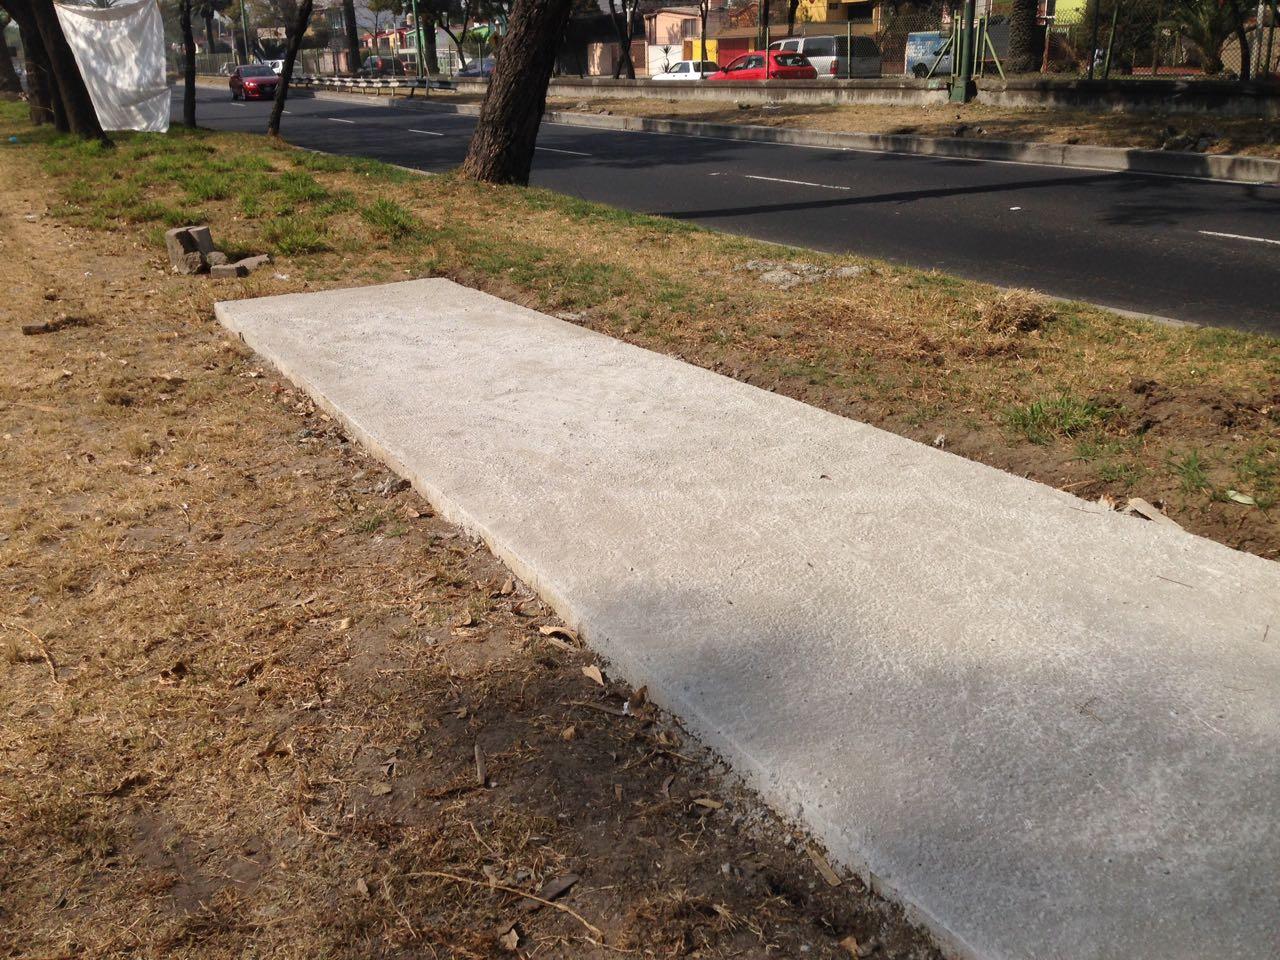 Plancha de concreto.jpeg